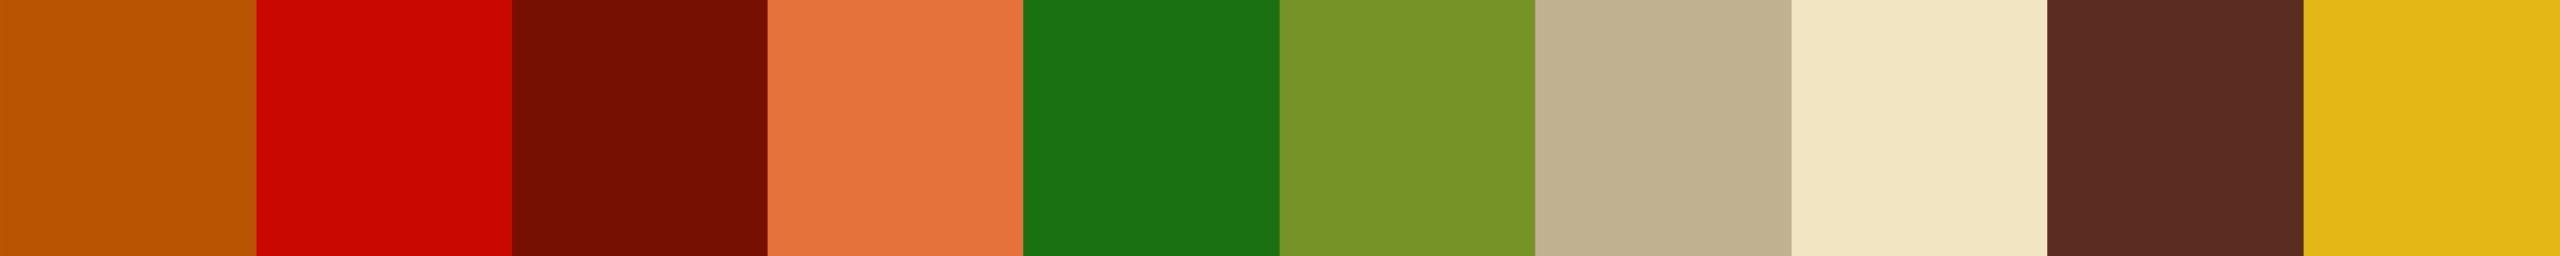 467 Darlepen Color Palette